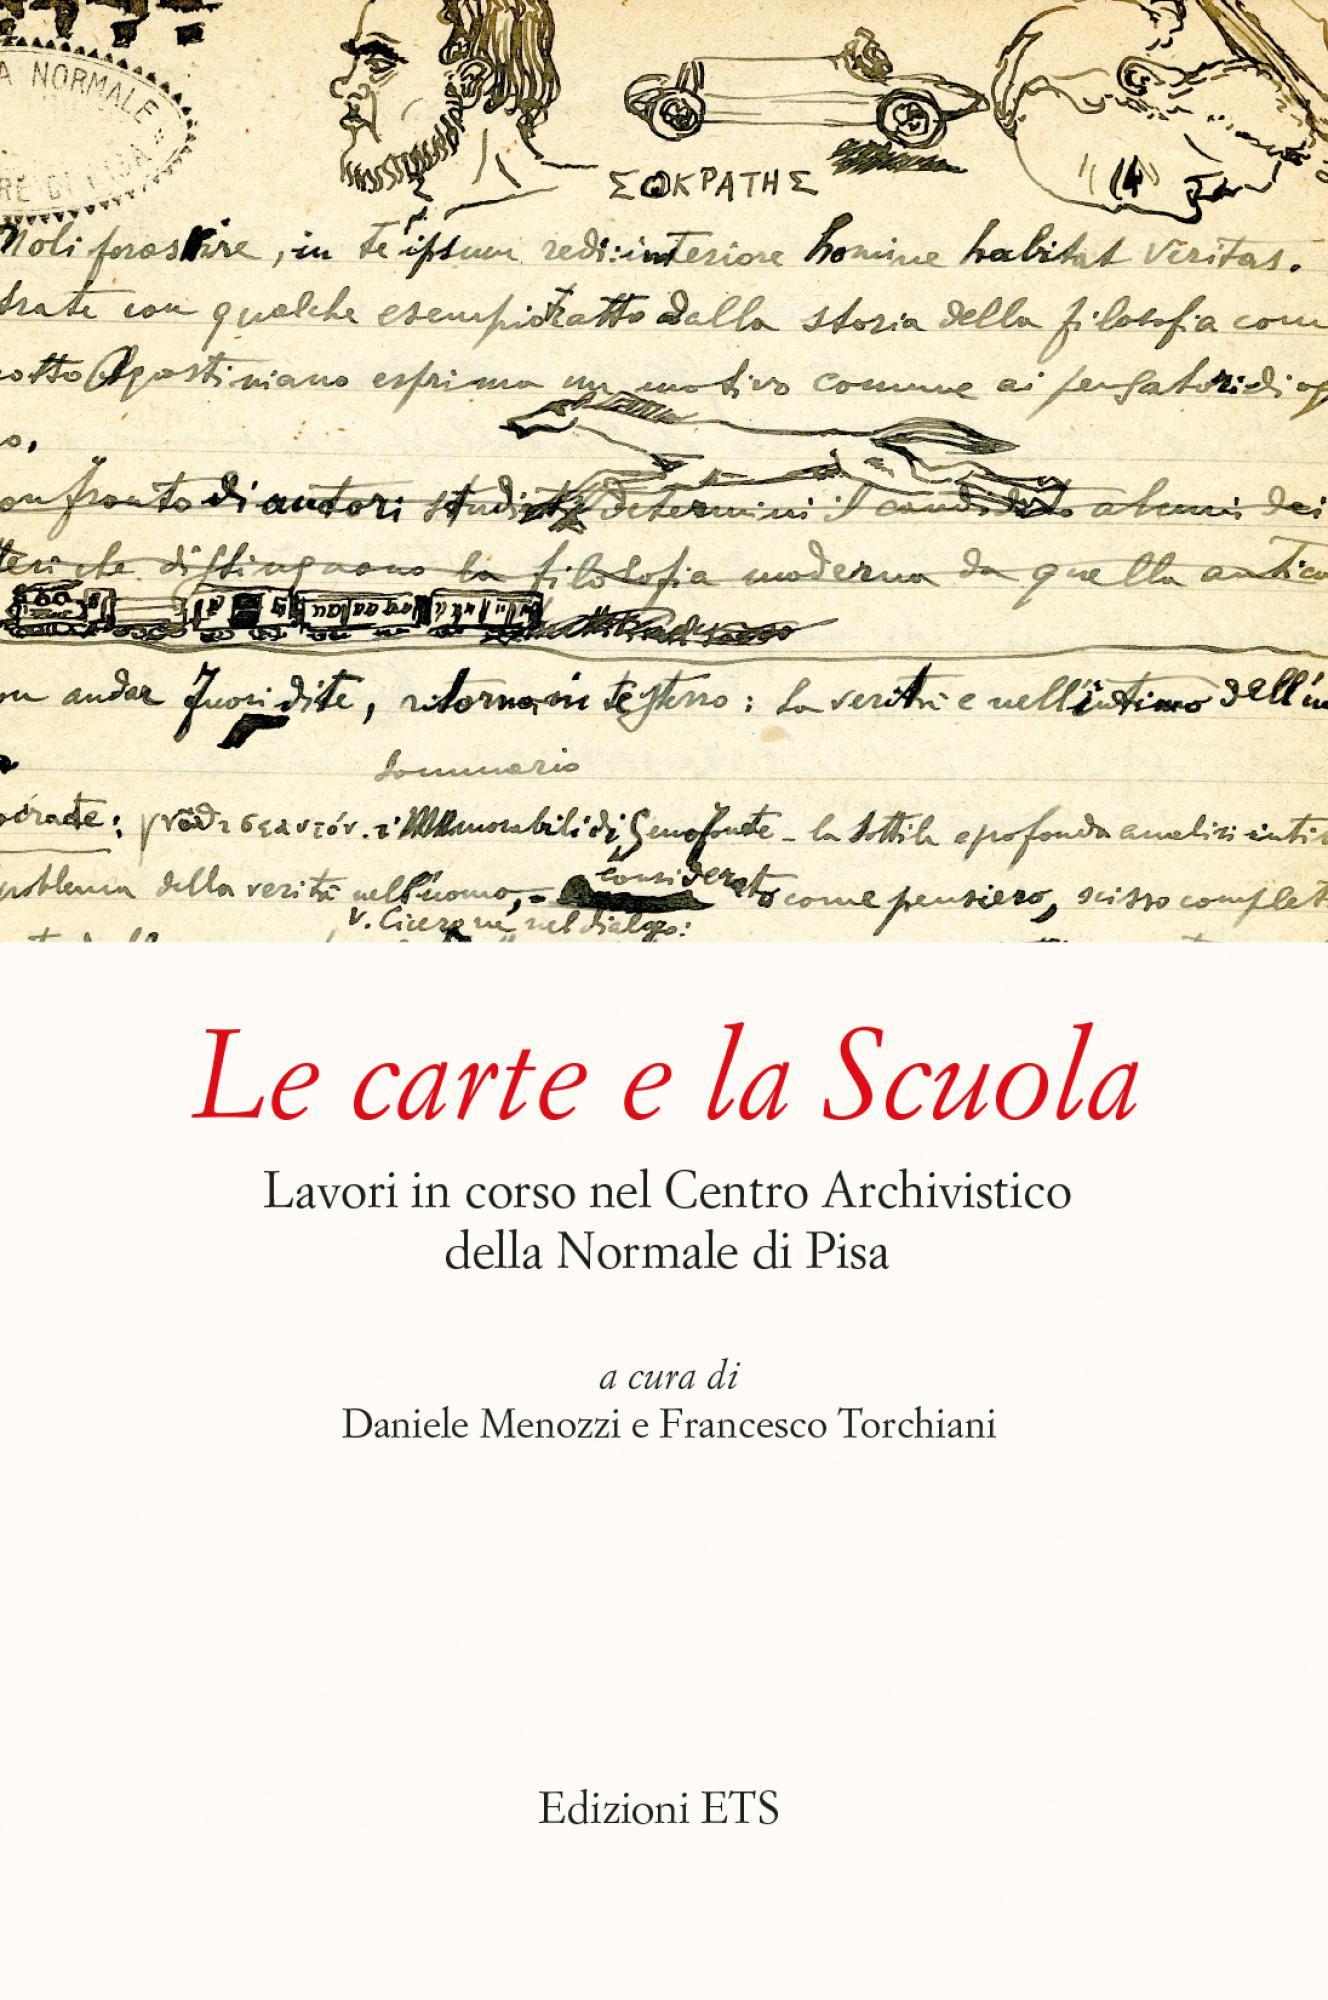 Le carte e la Scuola - Daniele Menozzi, Francesco ...